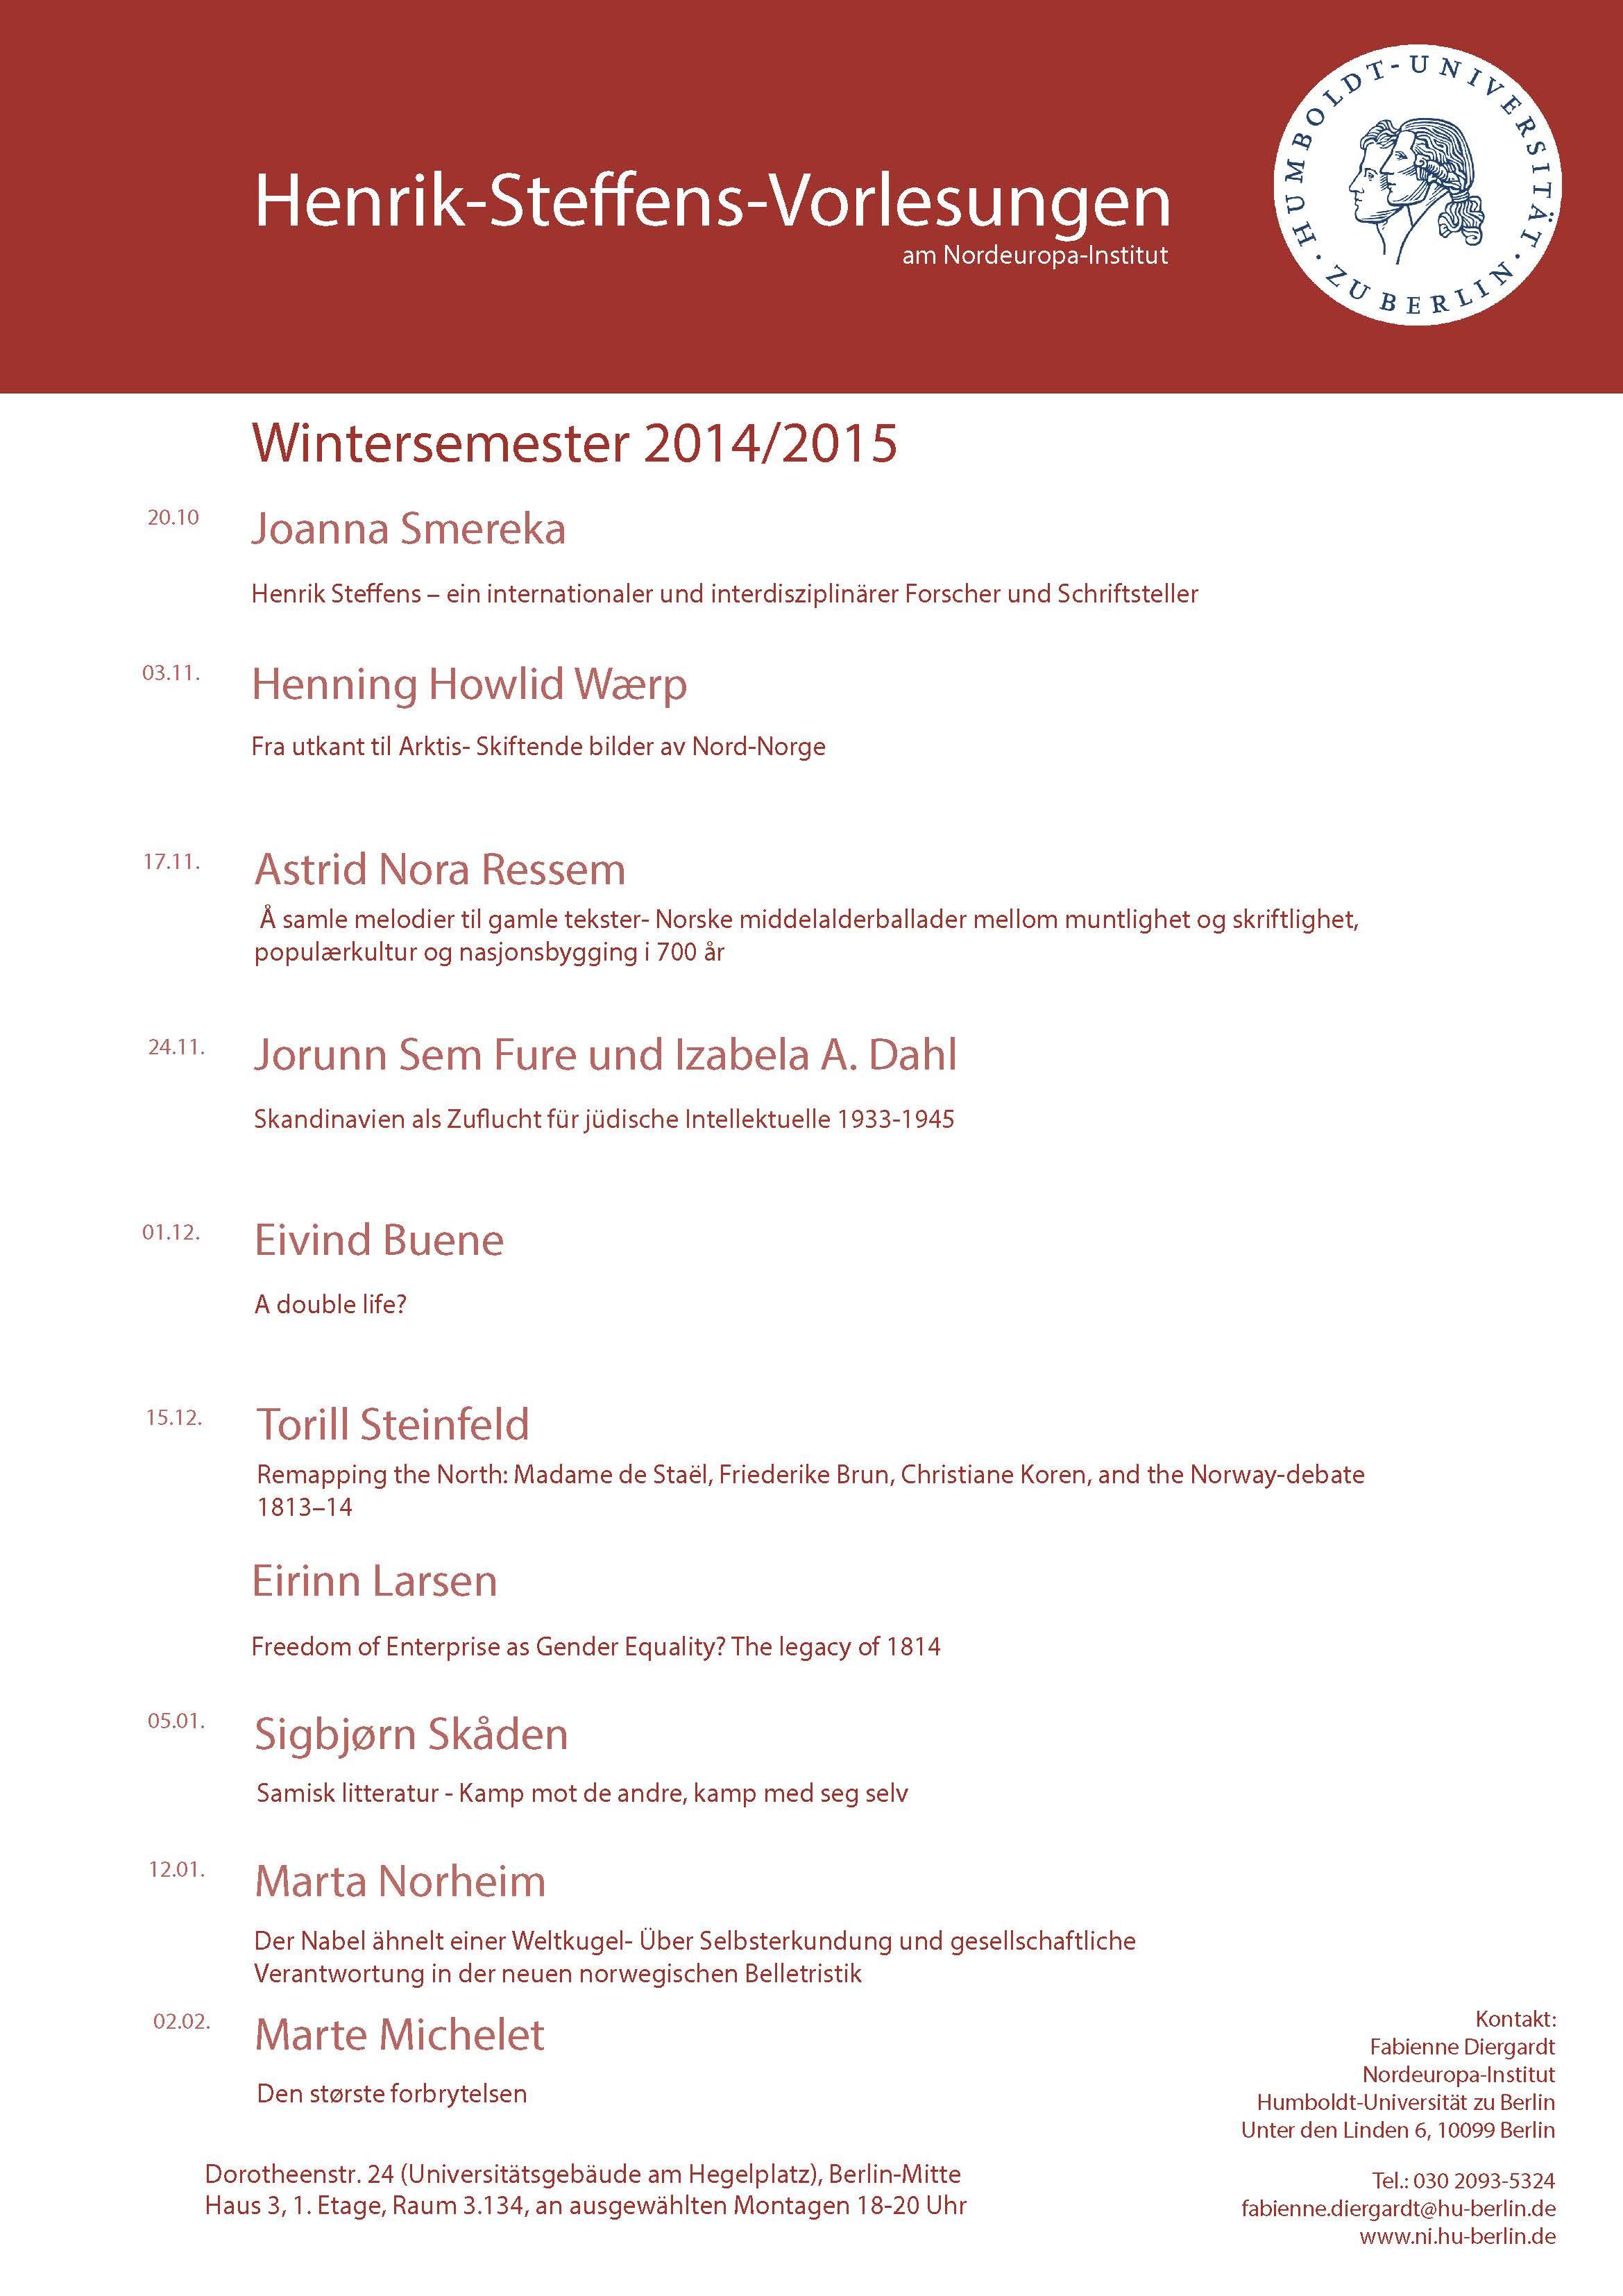 Henrik-Steffens-Vorlesungen 2014